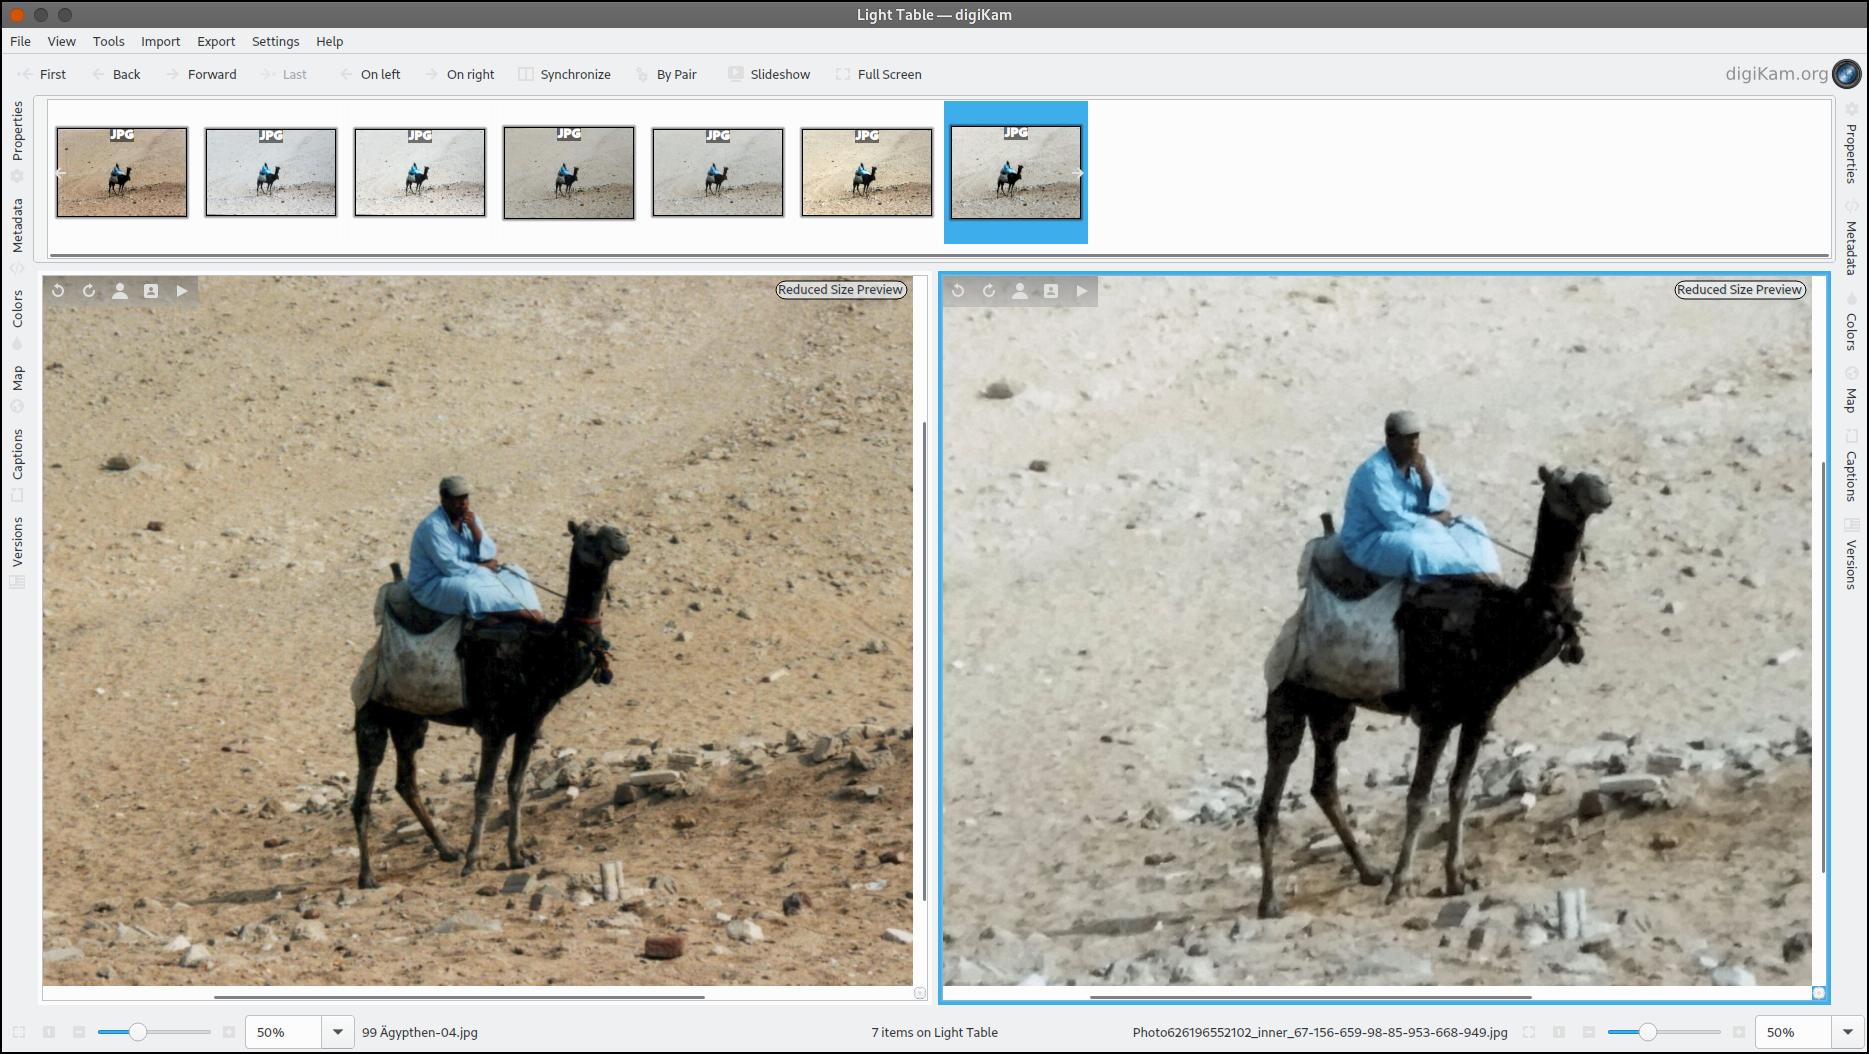 Dokumentenscanner vs Photomyne